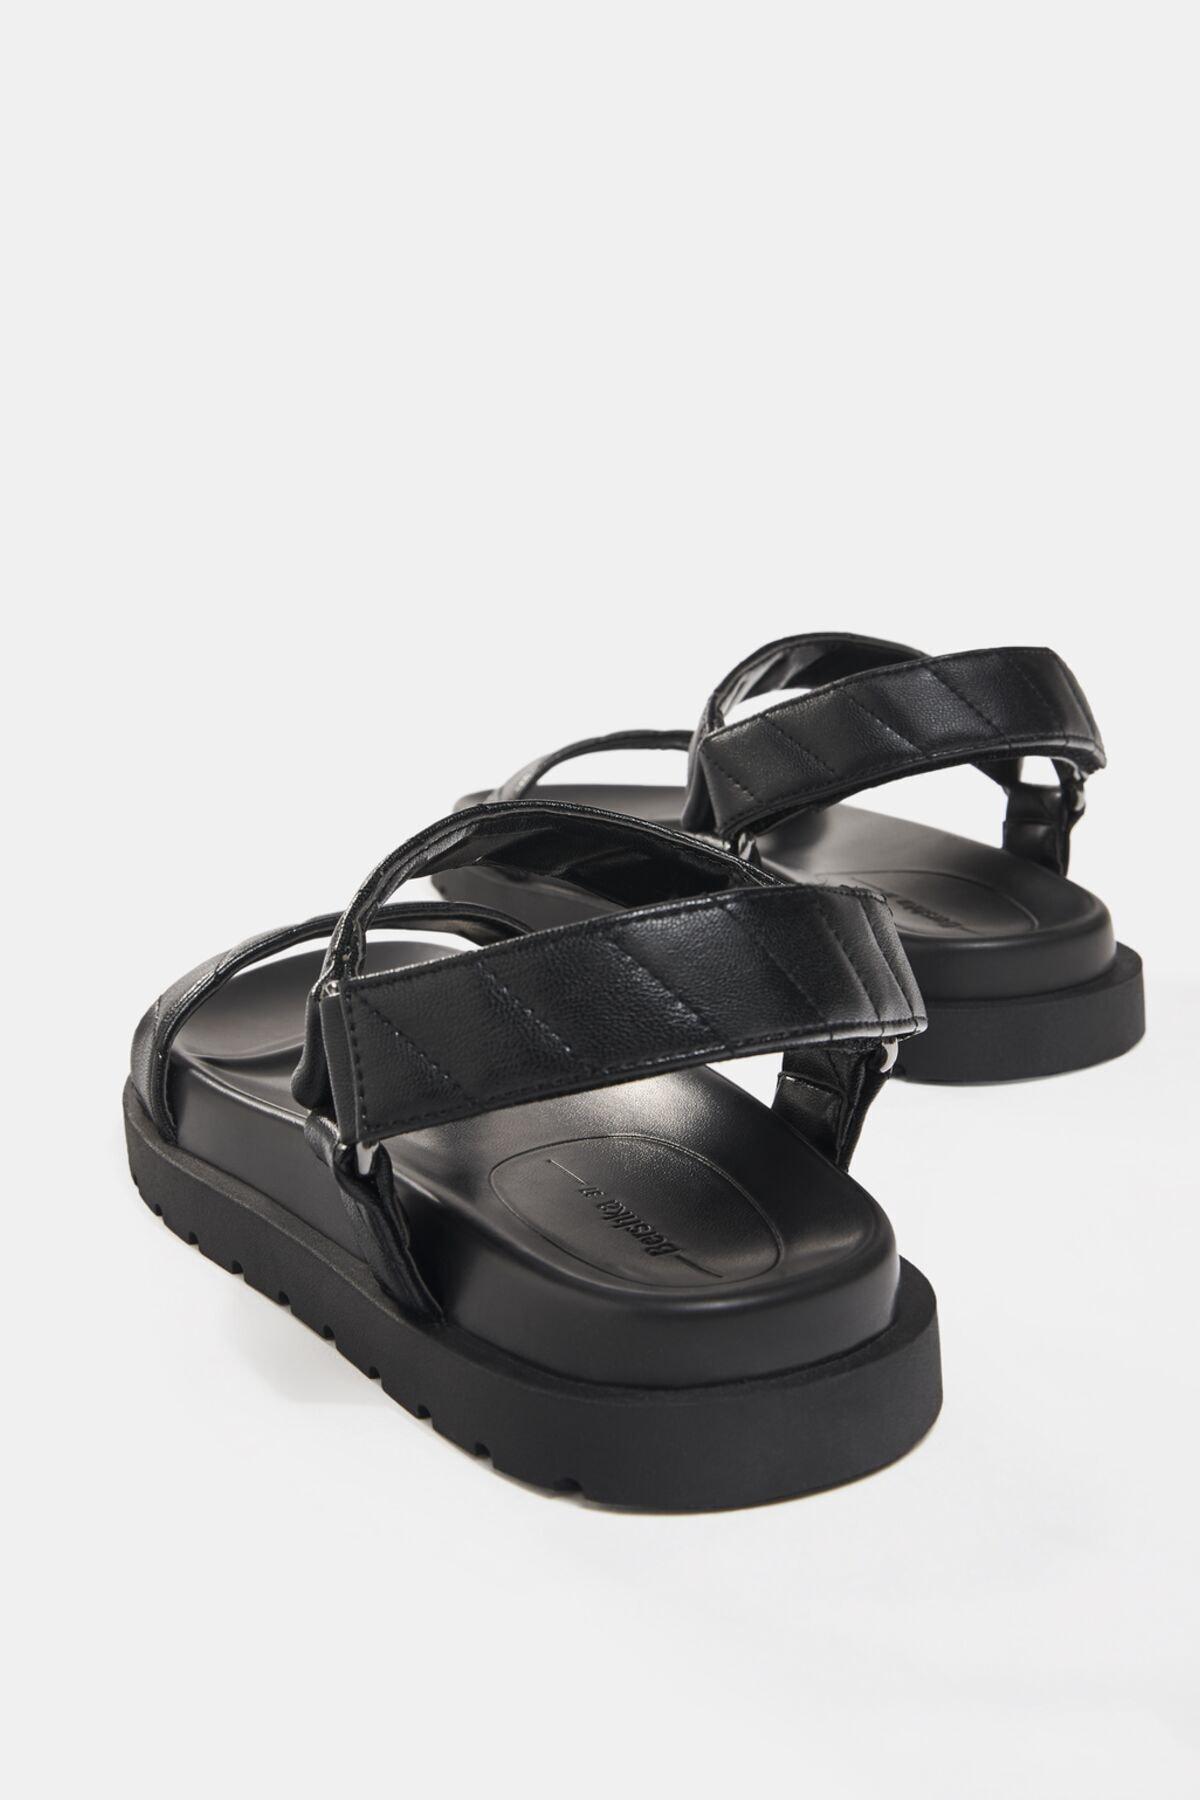 Bershka Kadın Siyah Kapitone Bantlı Düz Sandalet 11819760 3